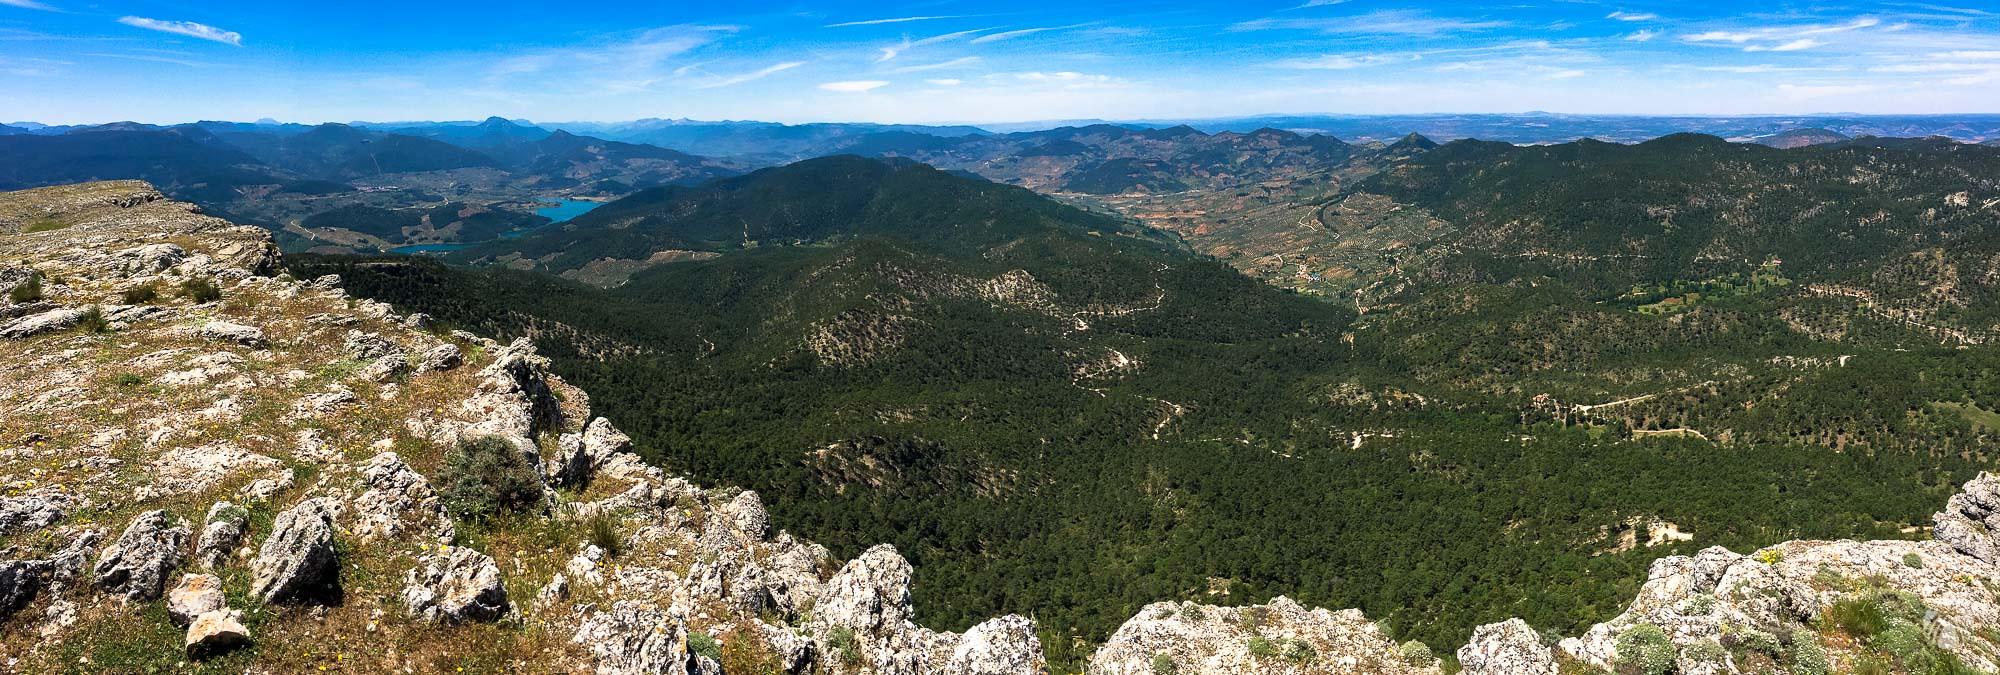 Panorámica mirando hacia el oeste: Sagra al fondo, embalse de Siles en el valle, el Yelmo, la sierra de las Villas y toda la zona de la Mancha a la derecha